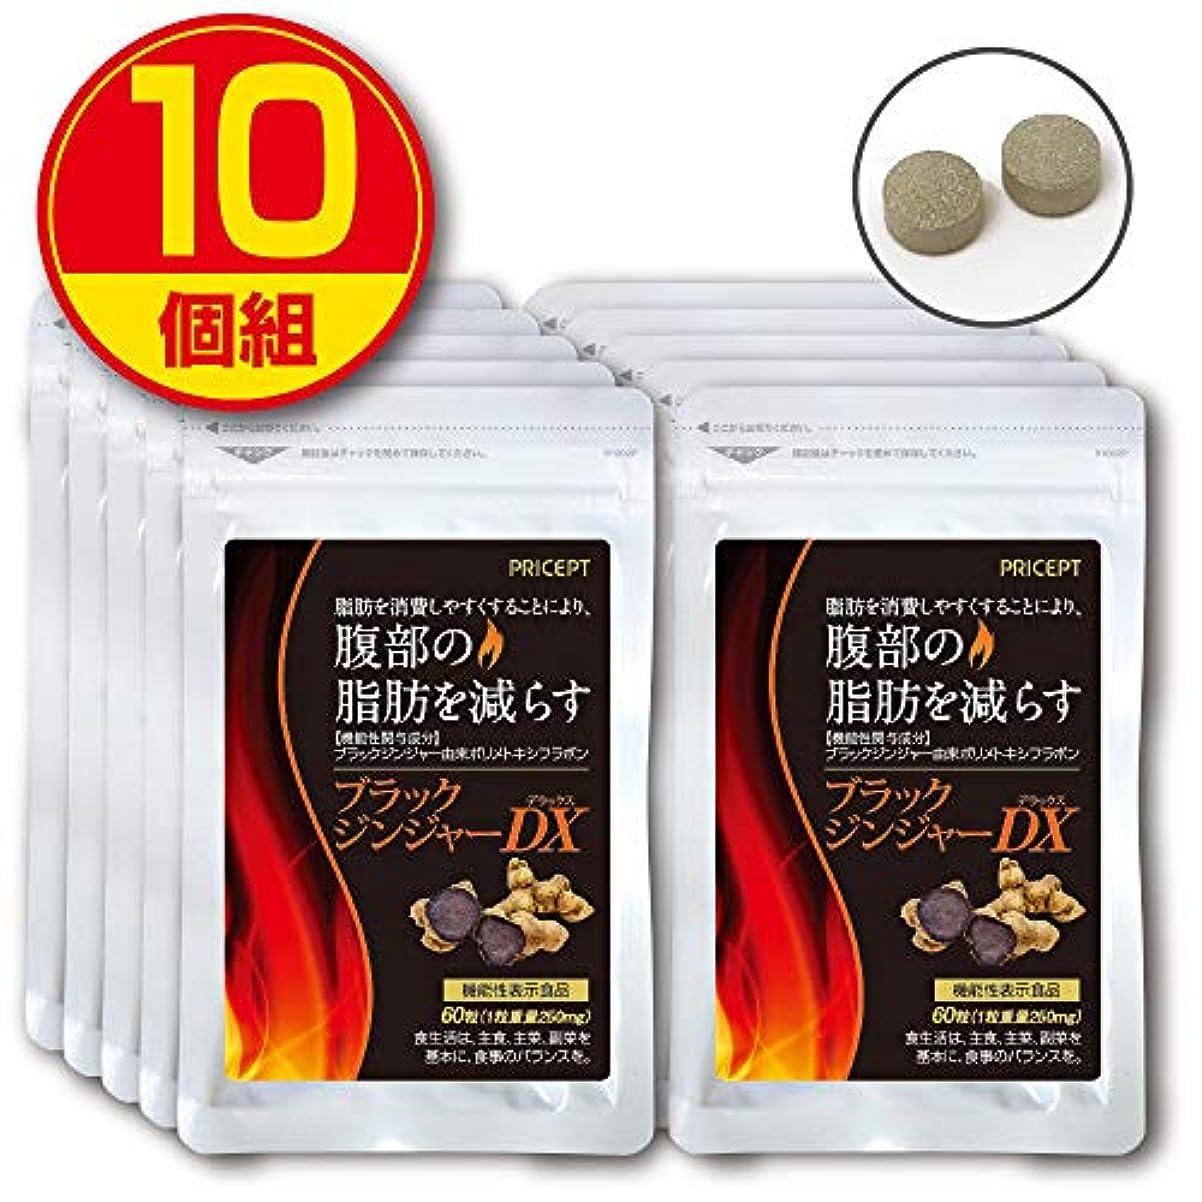 レンド自明担当者プリセプト ブラックジンジャーDX 機能性表示食品 60粒【10個組】(ダイエットサプリメント?粒タイプ)